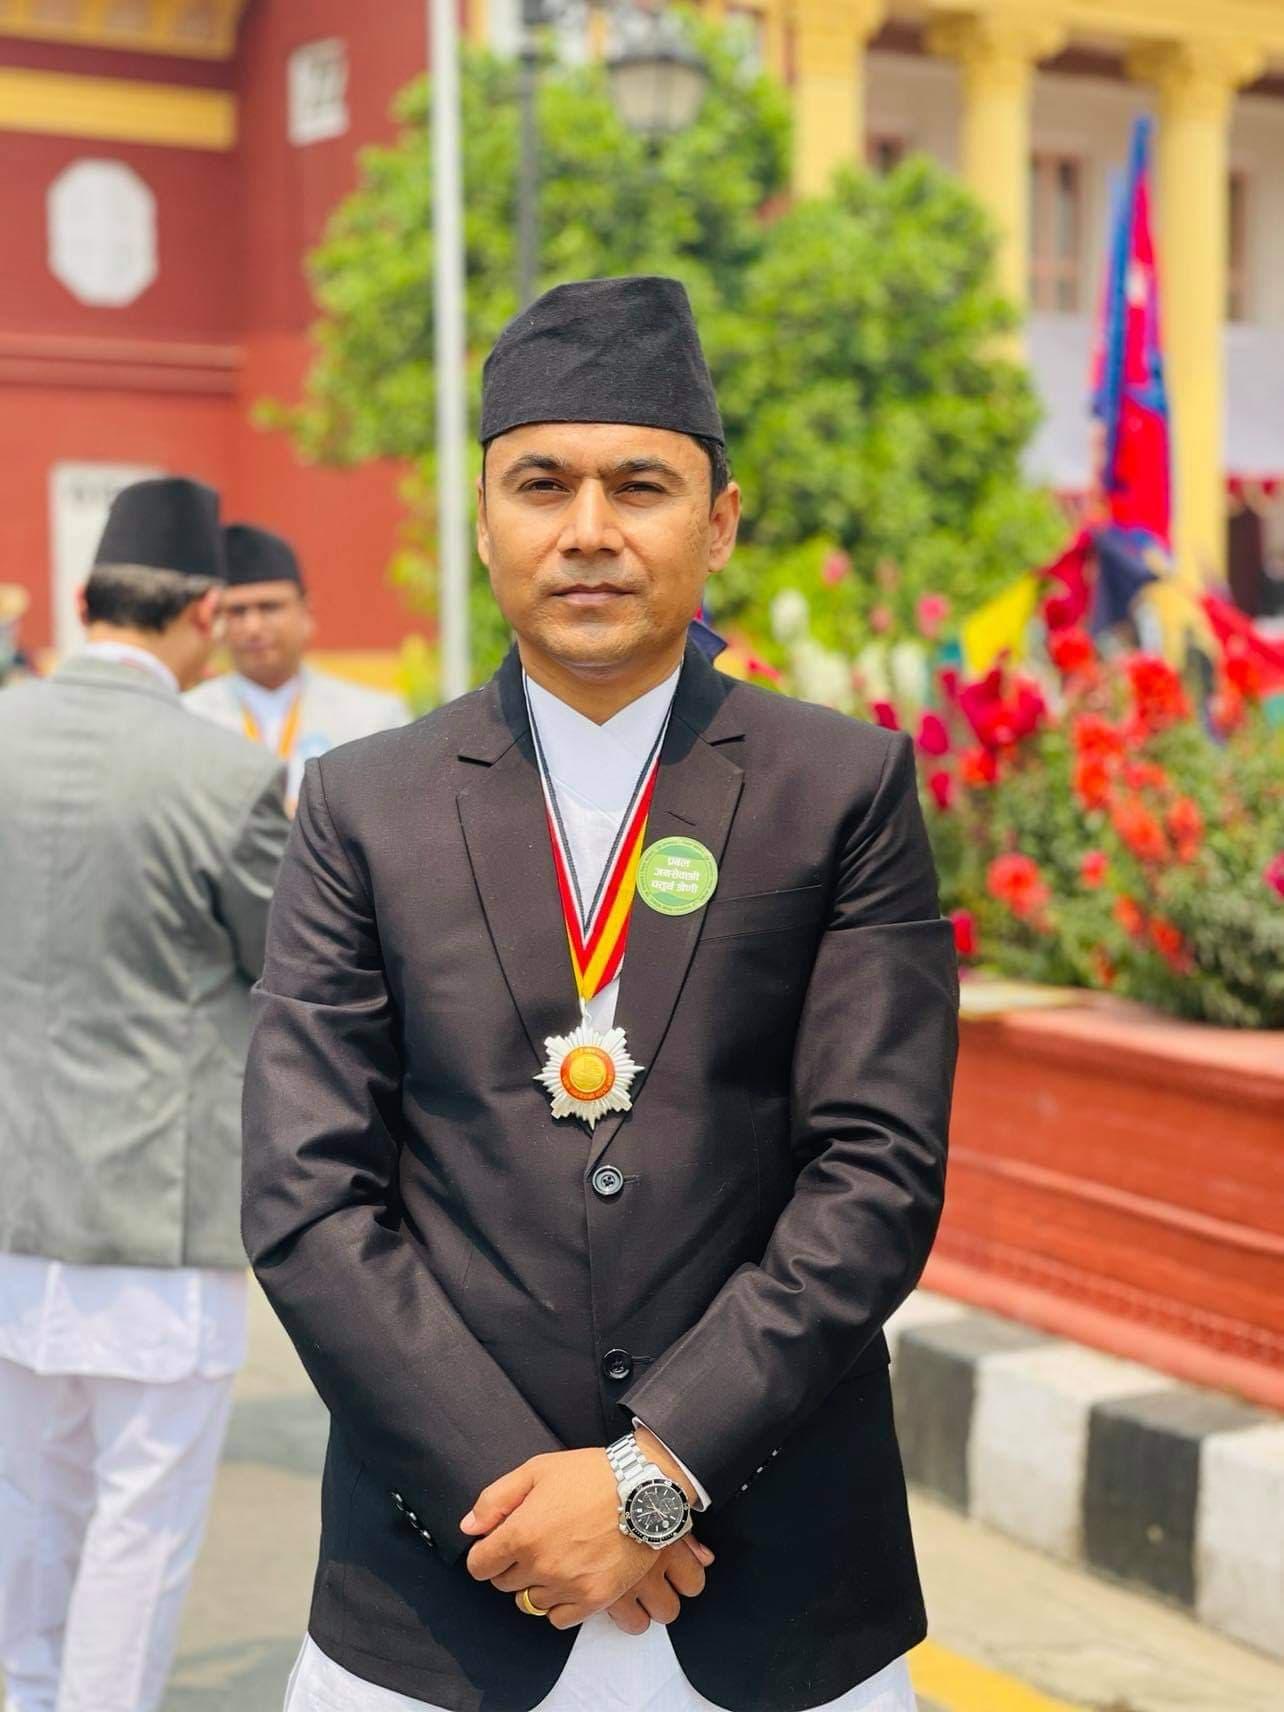 उच्च मूल्यांकन गर्दै नेपाल सरकारद्धारा गोलबजार नपाका प्रमुख प्रशासकीय अधिकृत केसी बिभूषित